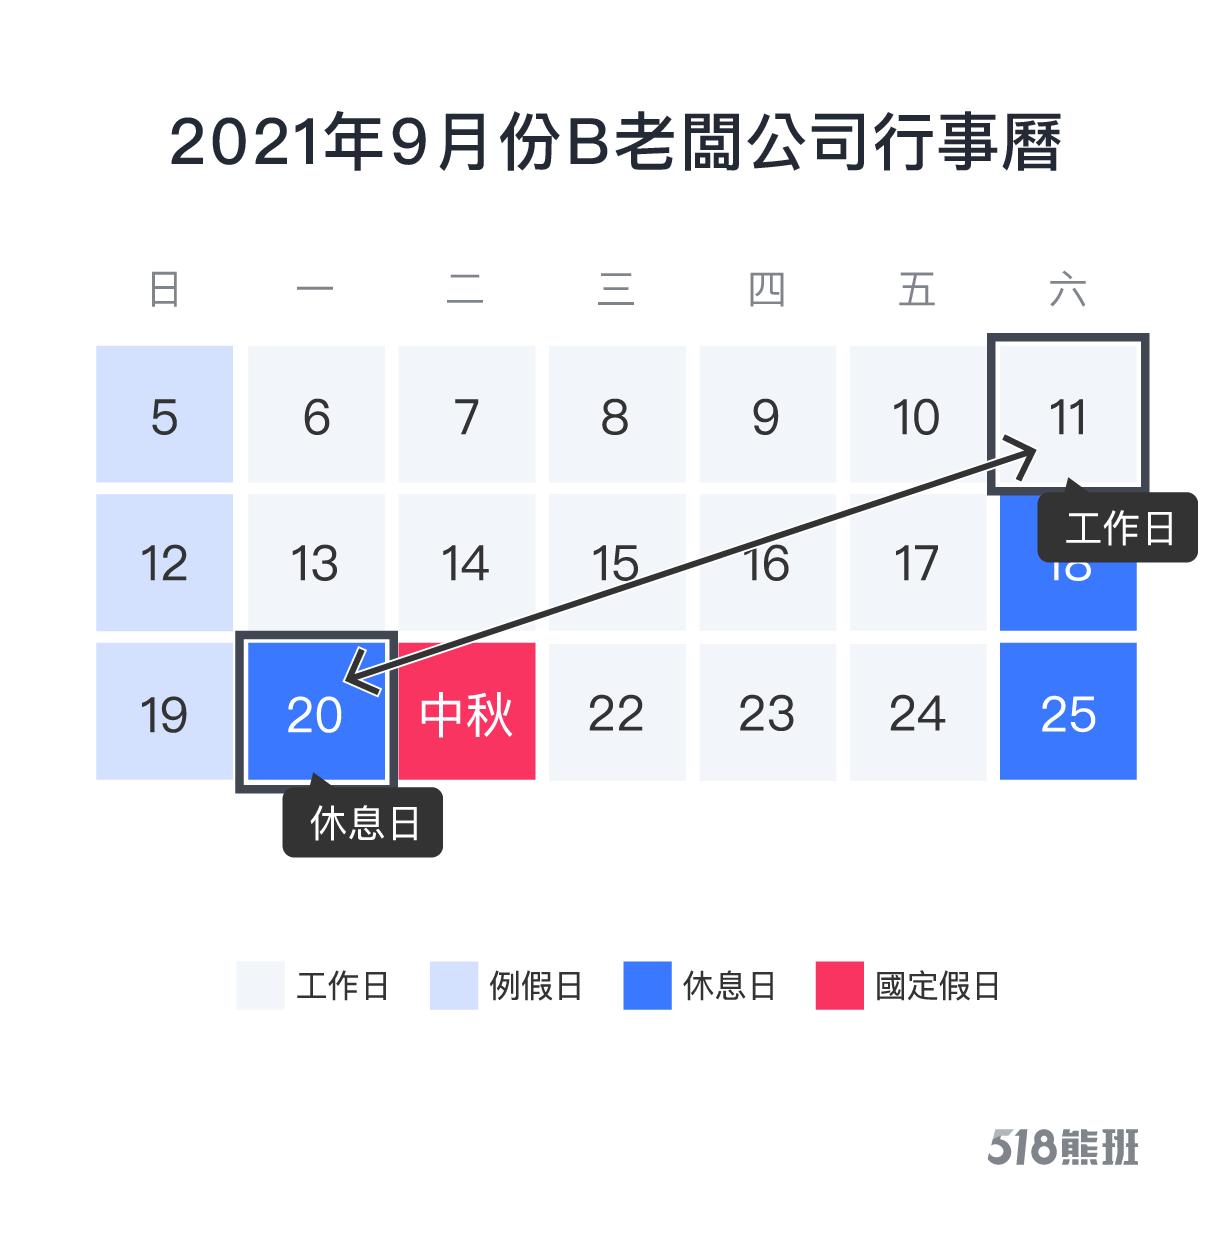 2021年9月份B老闆公司行事曆